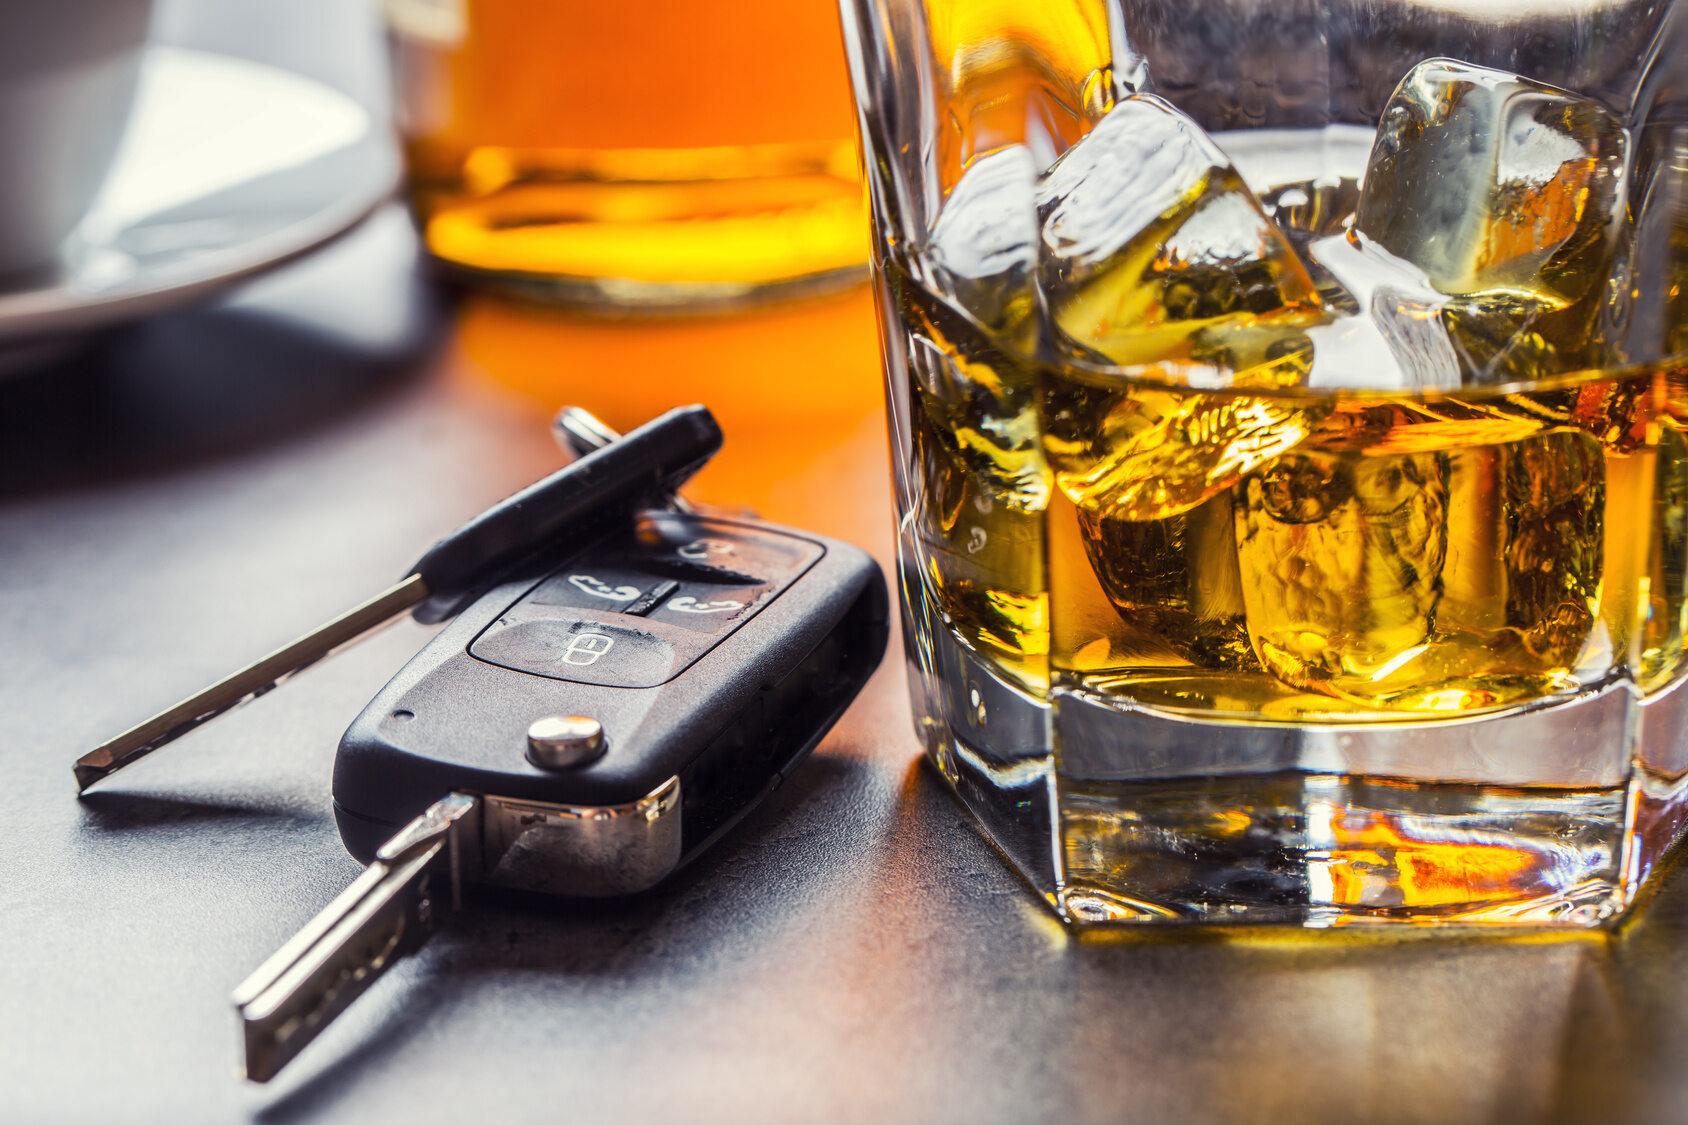 Kluczyki i alkohol, zdjęcie ilustracyjne